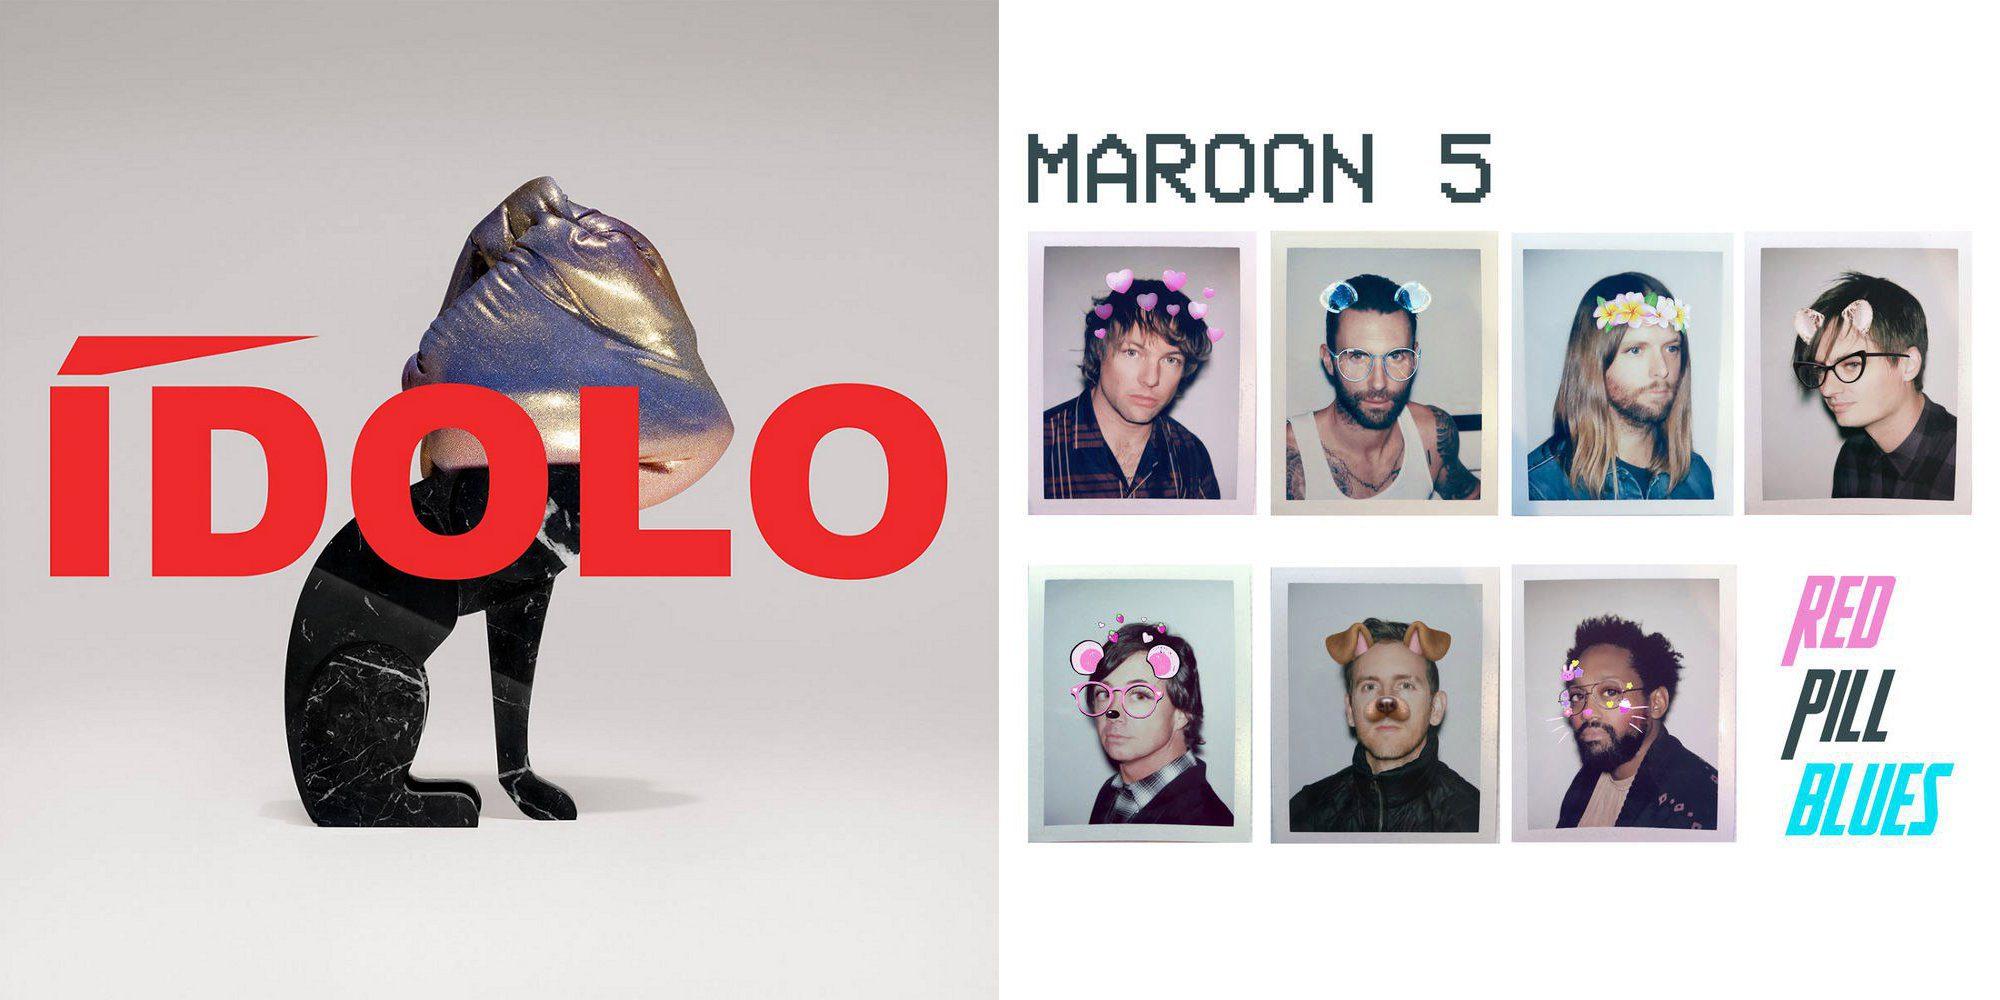 C.Tangana, Maroon 5, Sam Smith y P!nk renuevan la industria musical con sus nuevos trabajos